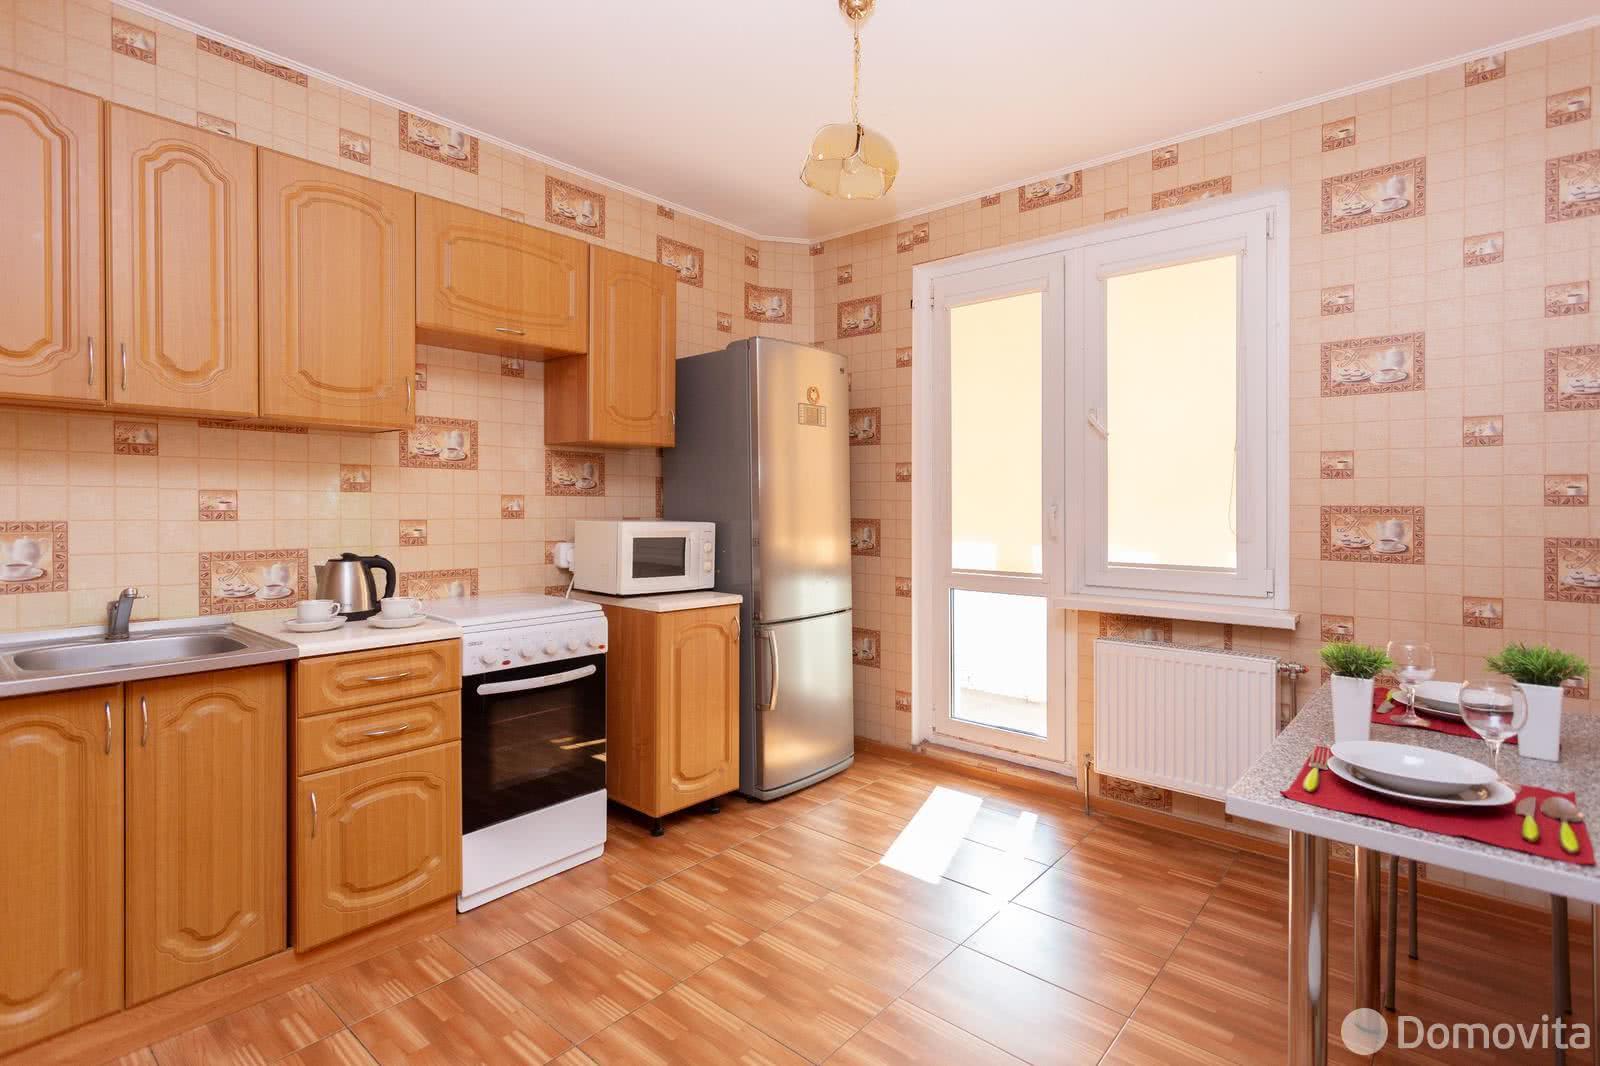 Аренда 1-комнатной квартиры на сутки в Минске ул. Германовская, д. 17 - фото 3